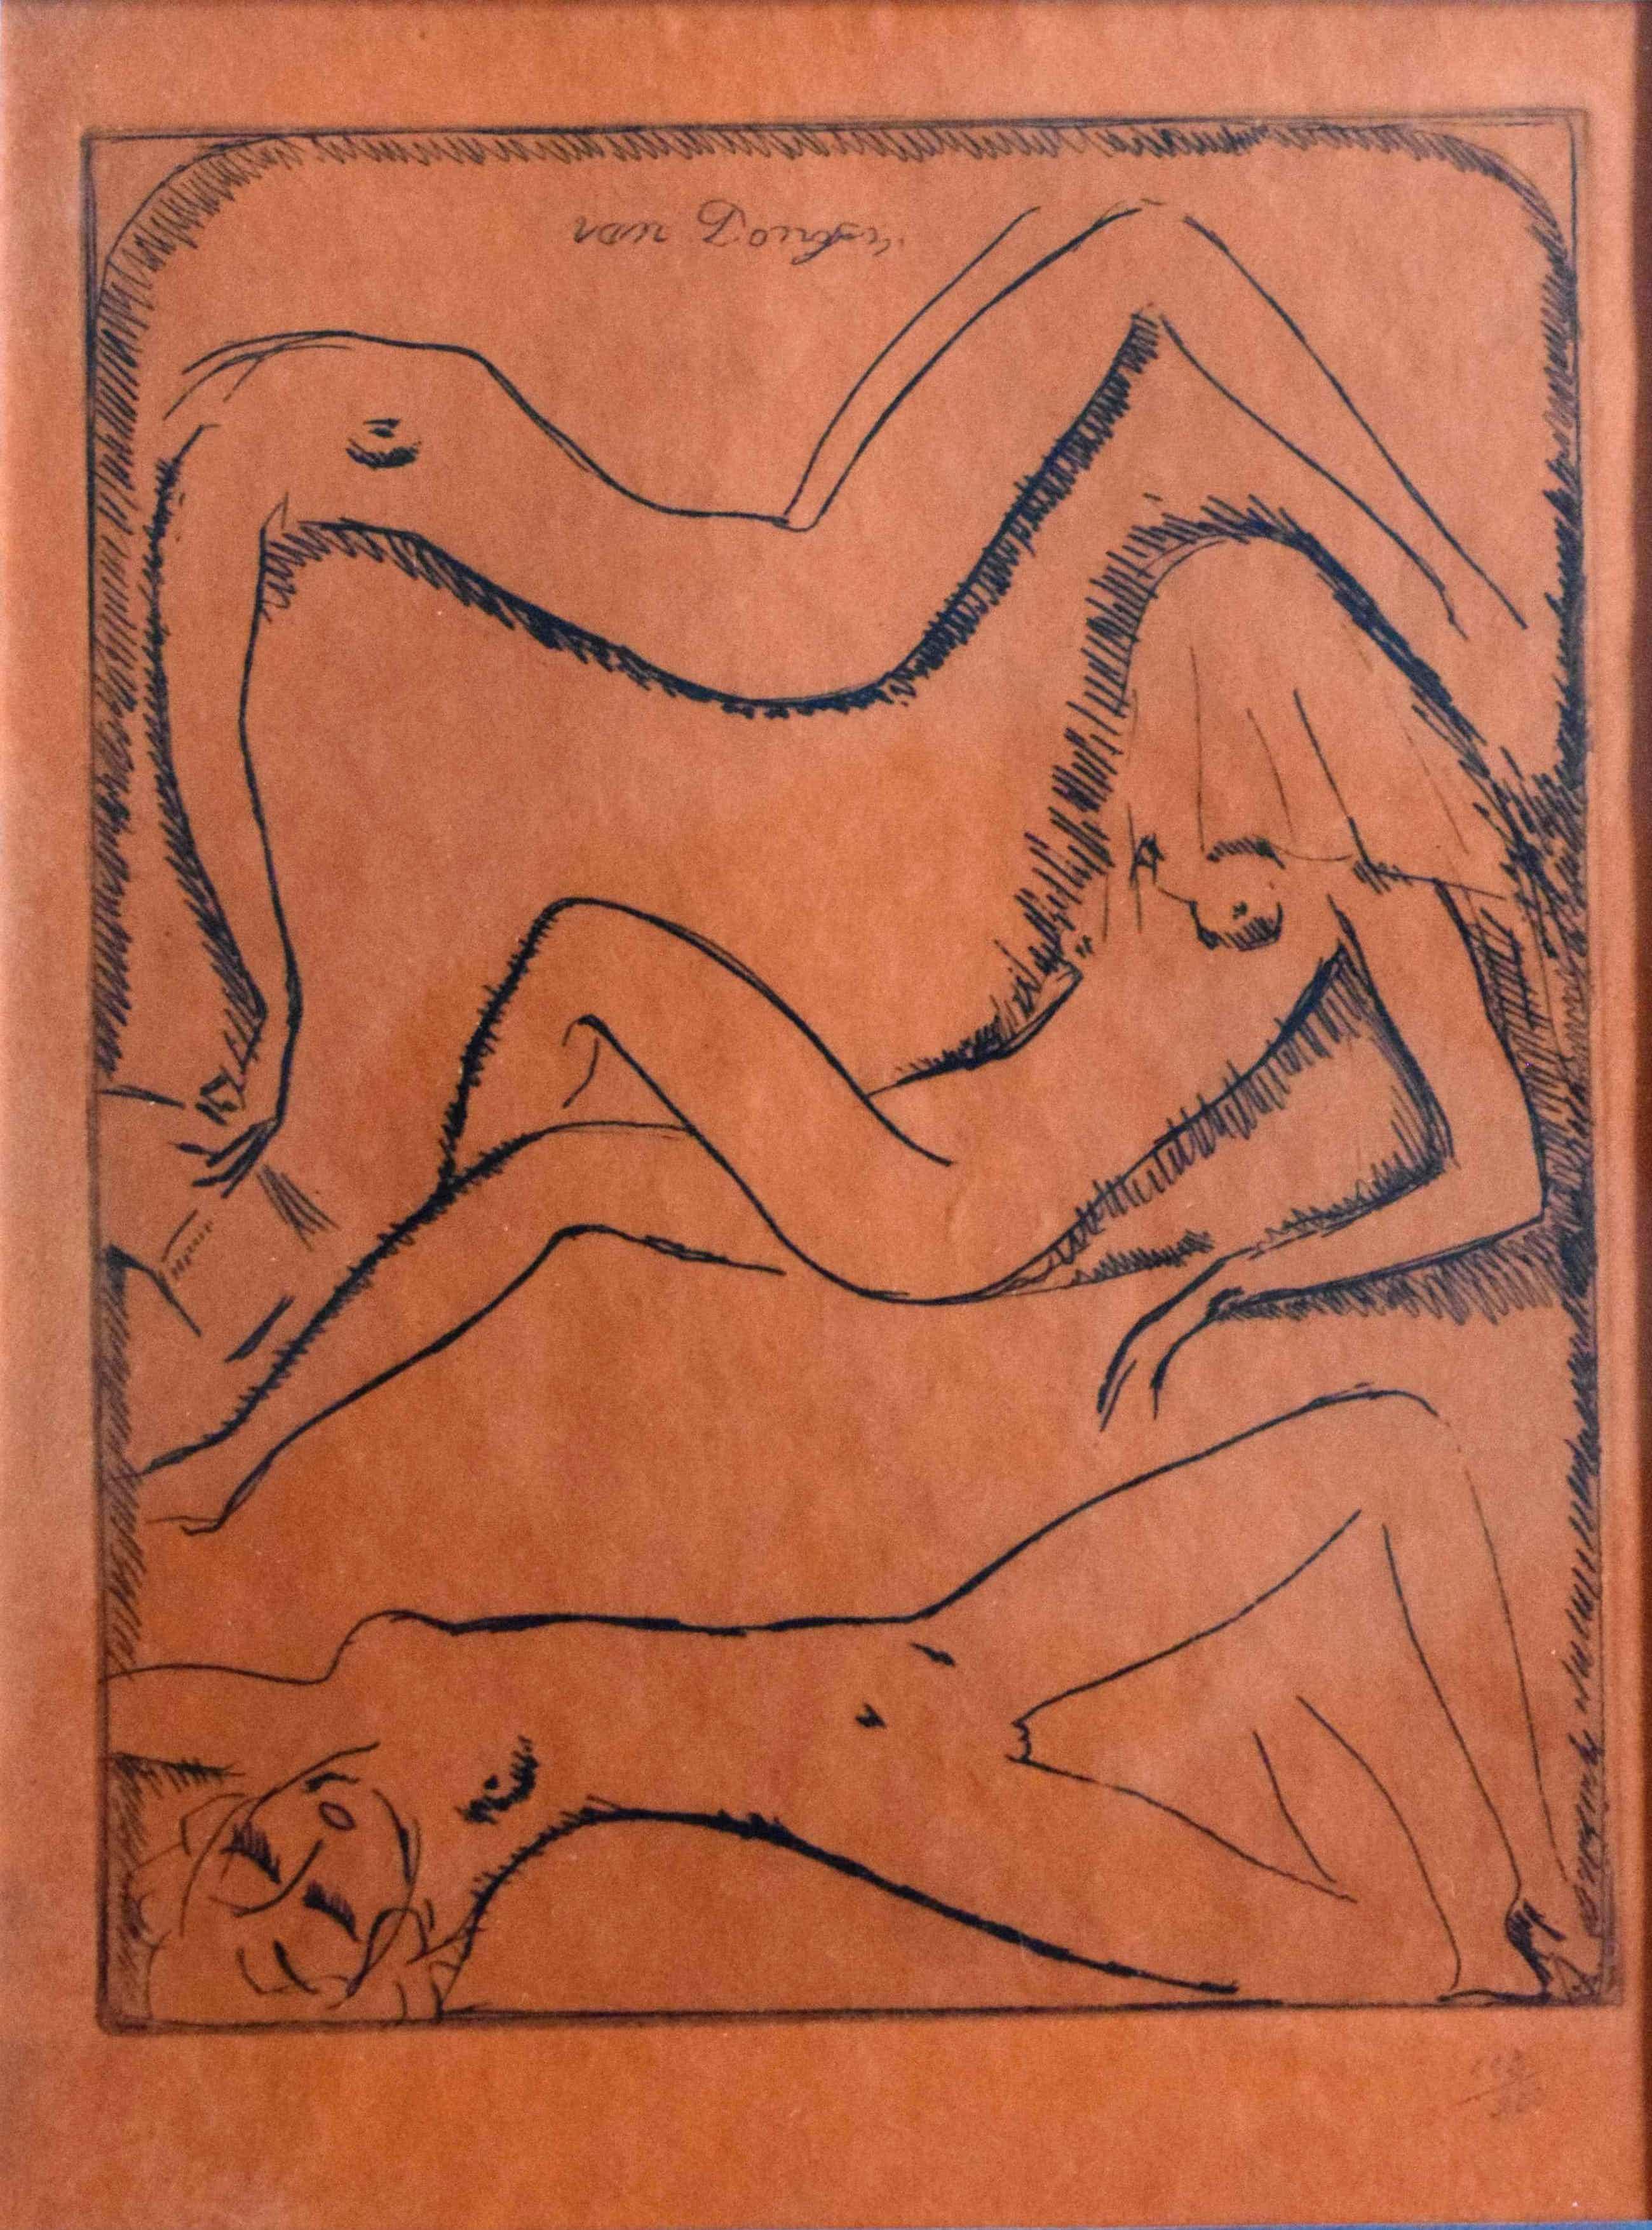 Kees van Dongen - Ets - 3 naaktfiguren - 1925 kopen? Bied vanaf 550!